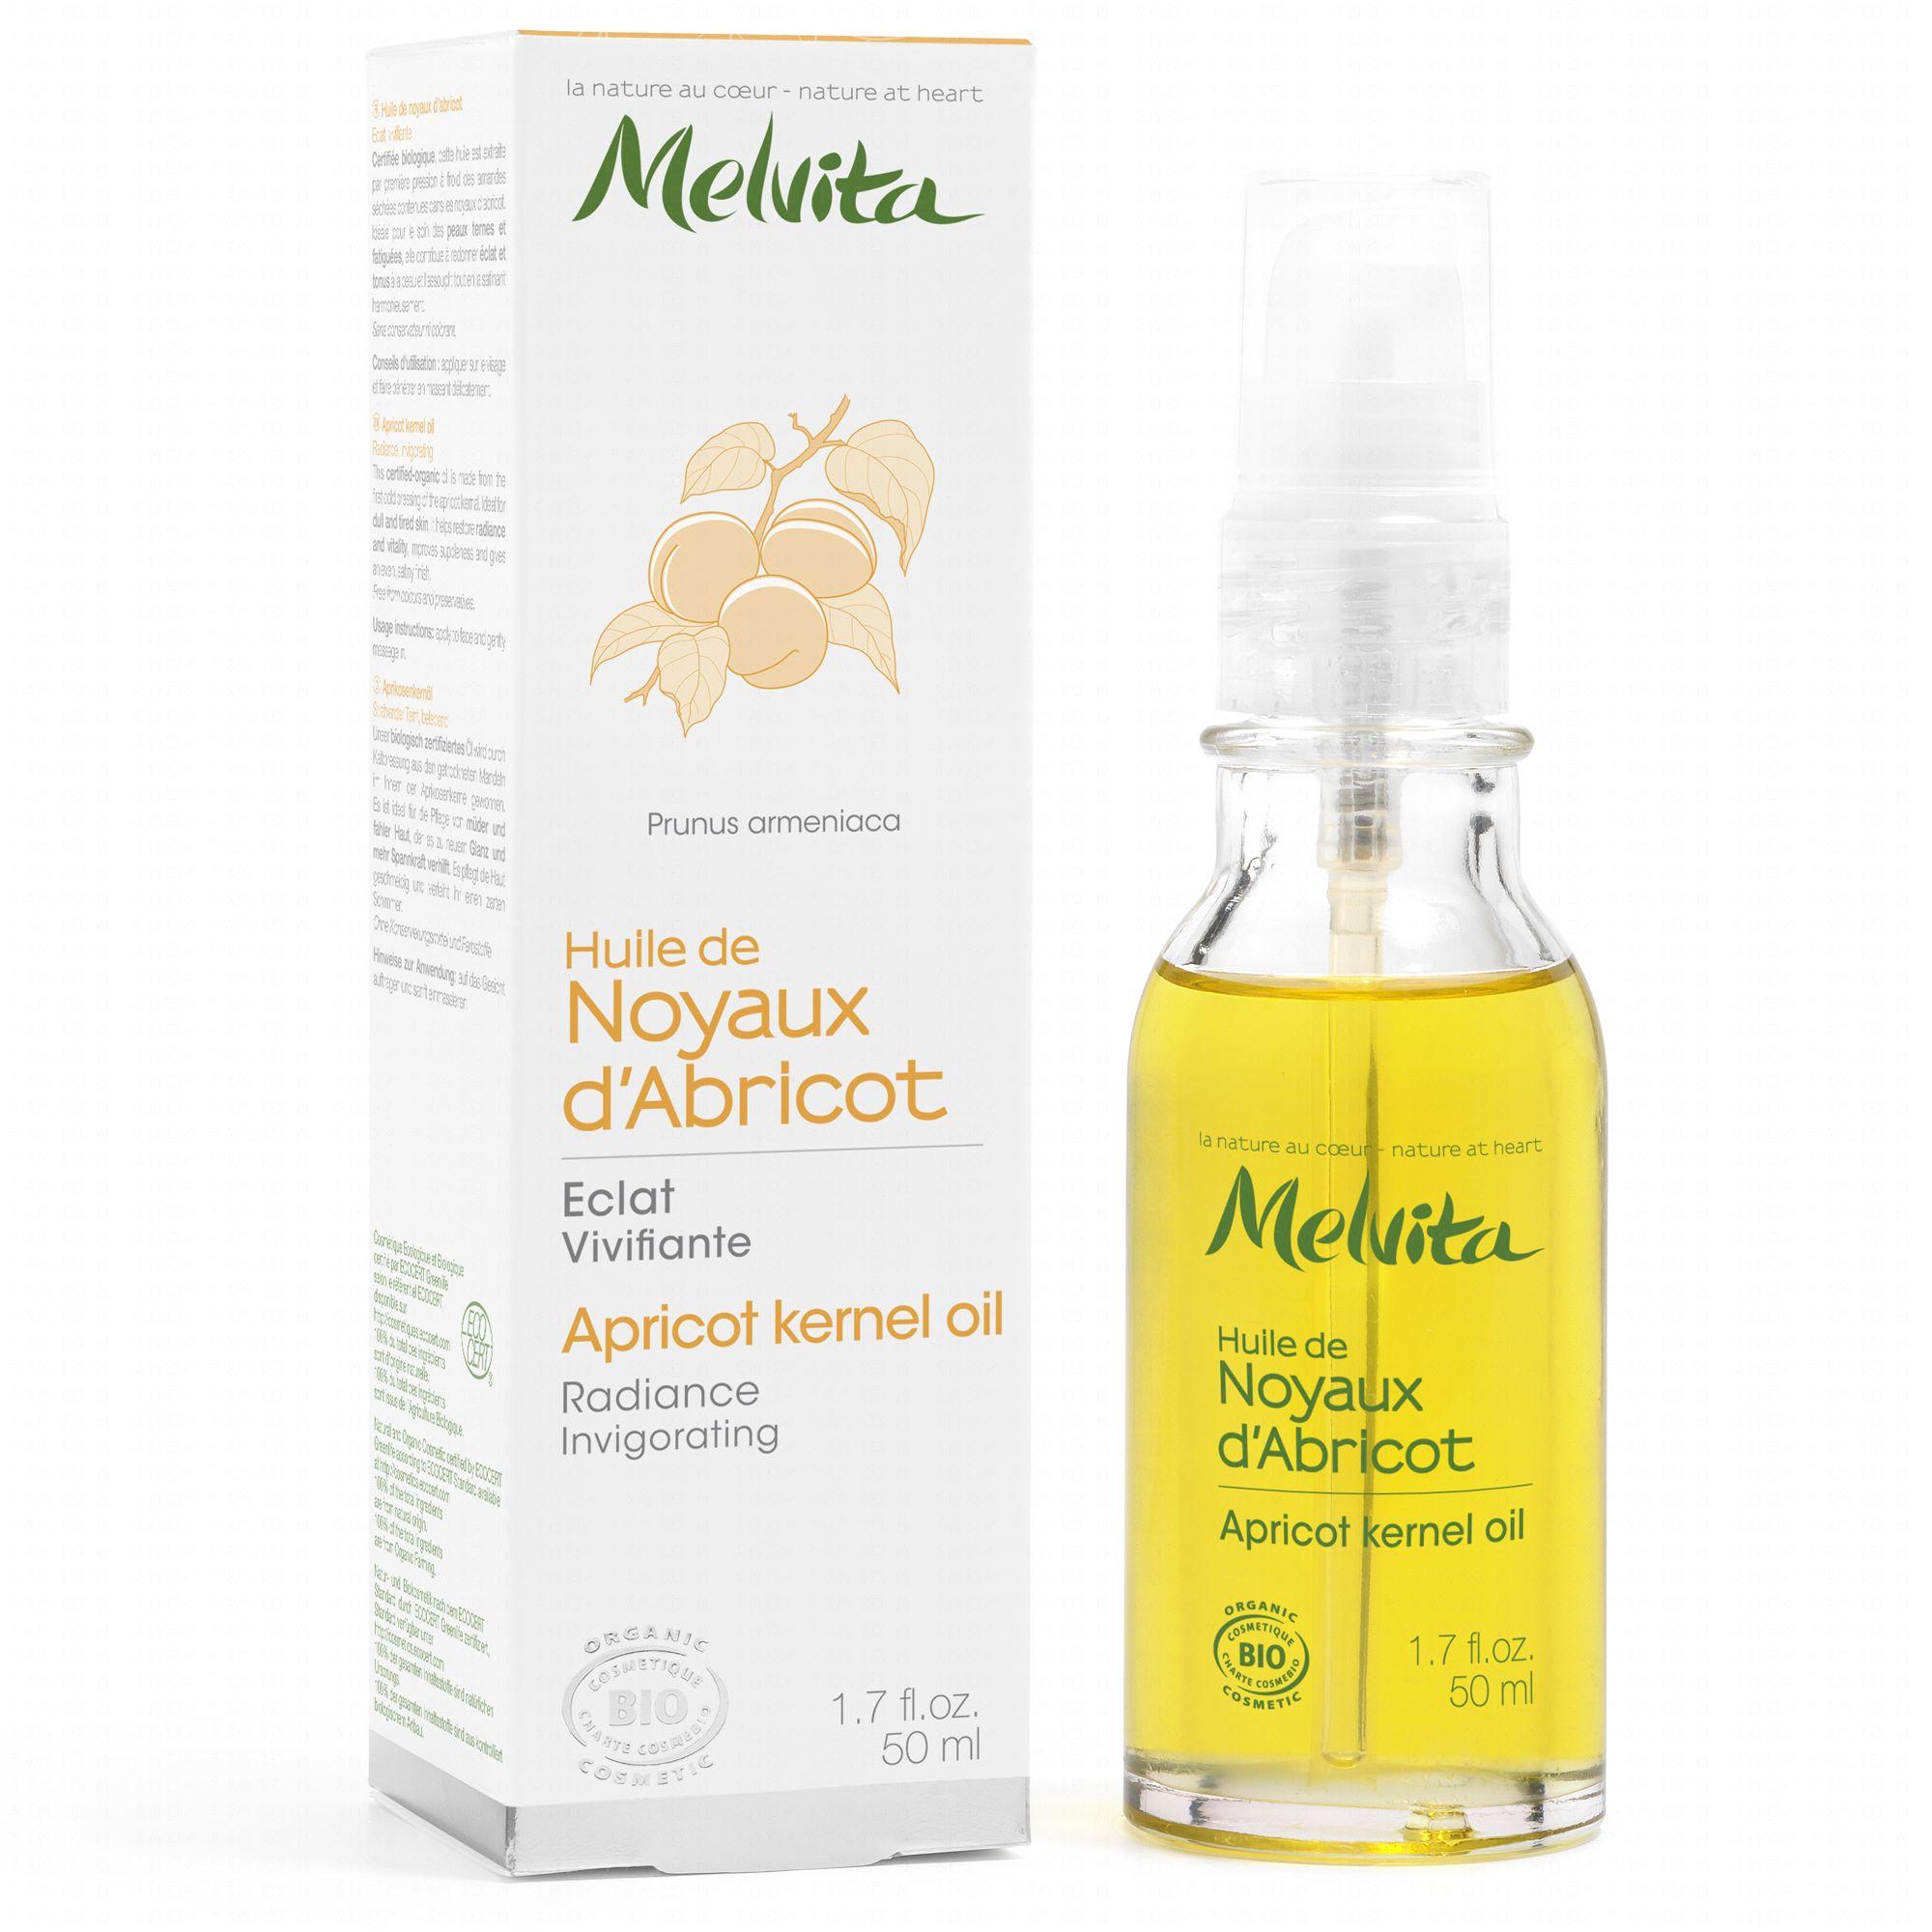 MELVITA-Huile-de-noyaux-d-abricot PLUME